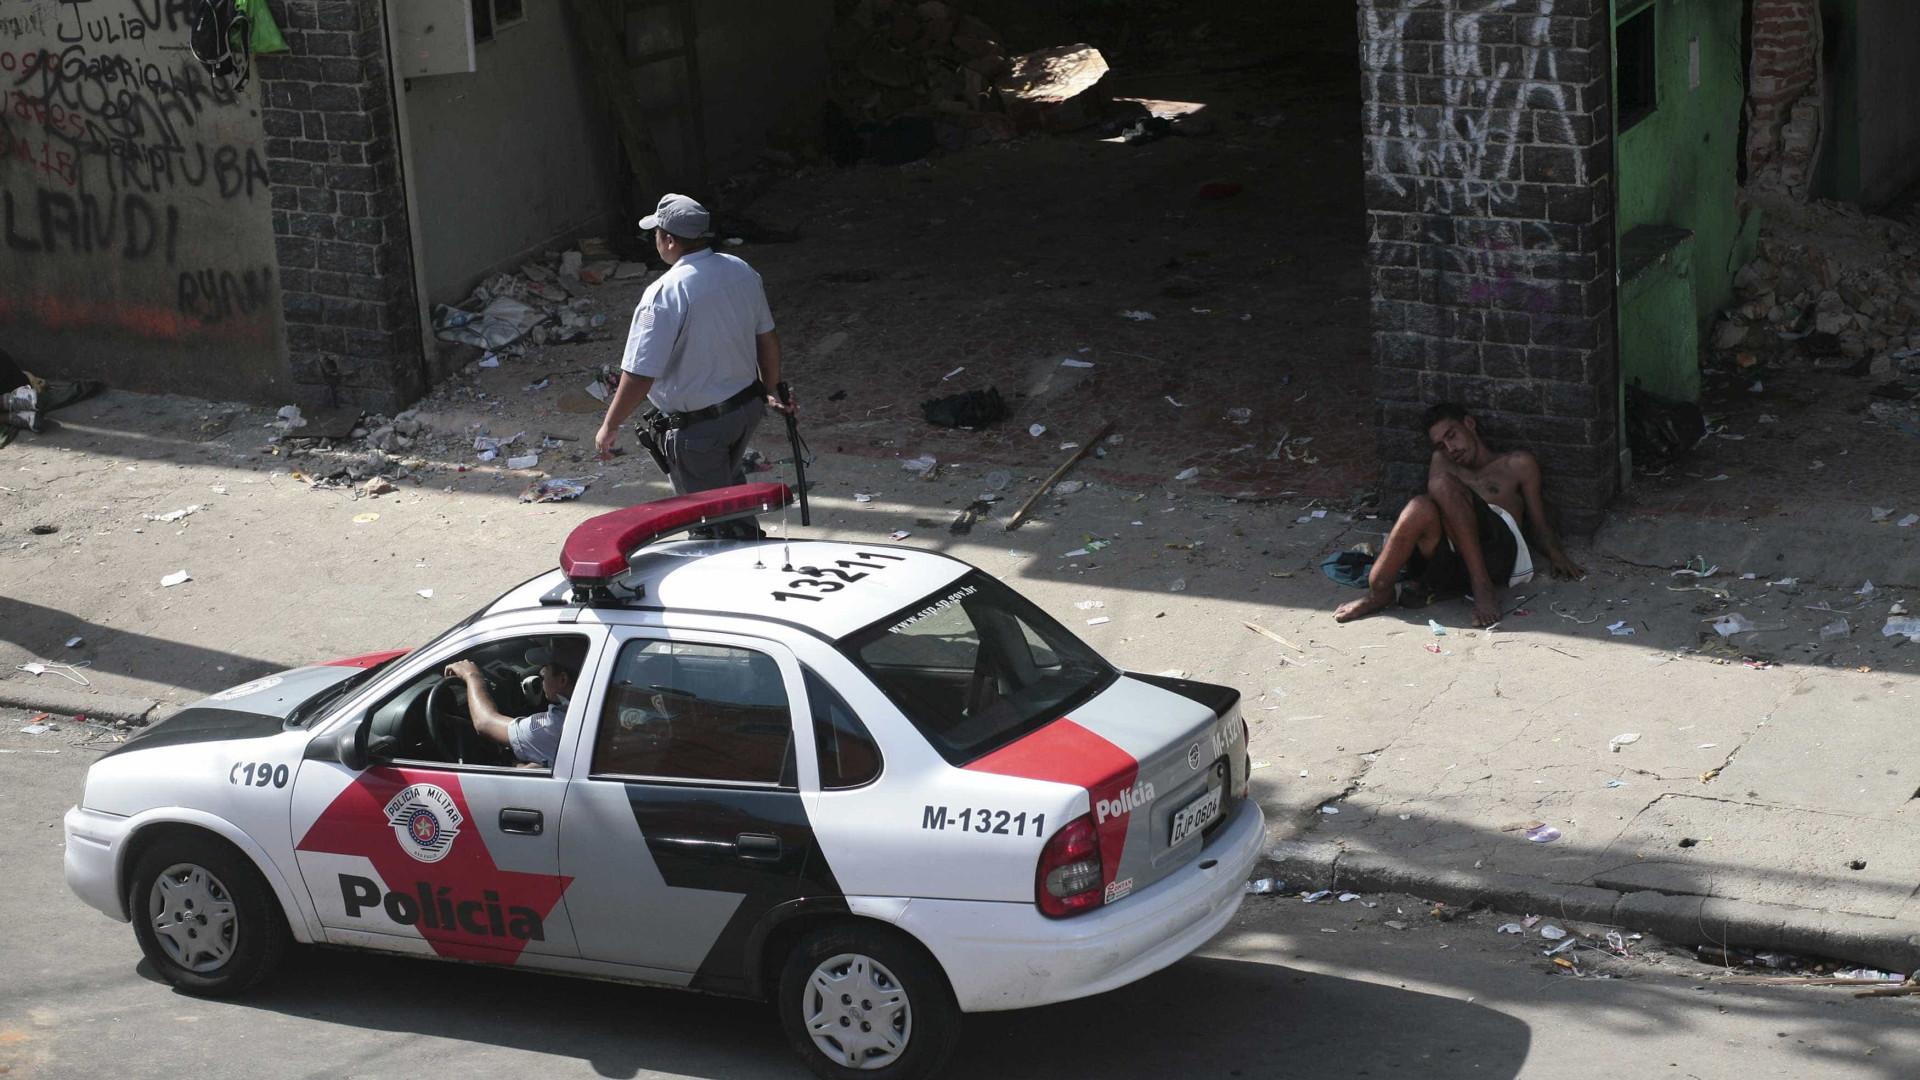 Governo paulista autoriza PM a usar arma calibre 12 em chamadas do 190